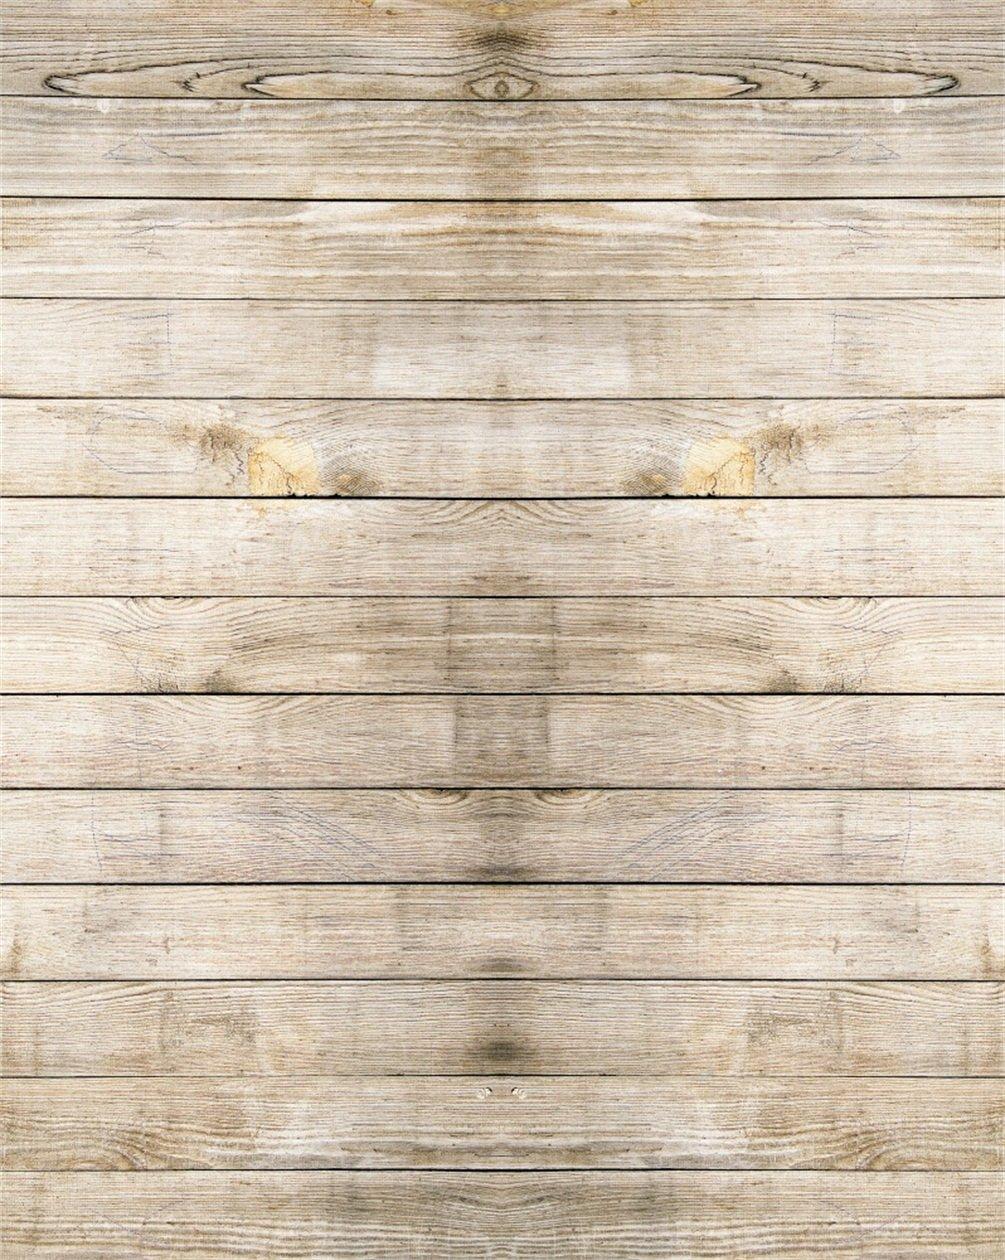 CSFOTO 5x7フィート 背景 レトロ 木製 壁または床 写真 背景 ラフ ビンテージ 木製 厚板 古板 木製 テクスチャ ウォールボード 板 幼児 ティーンエイジャー 幼児 スタジオ 小道具 壁紙   B07FNHSTDD